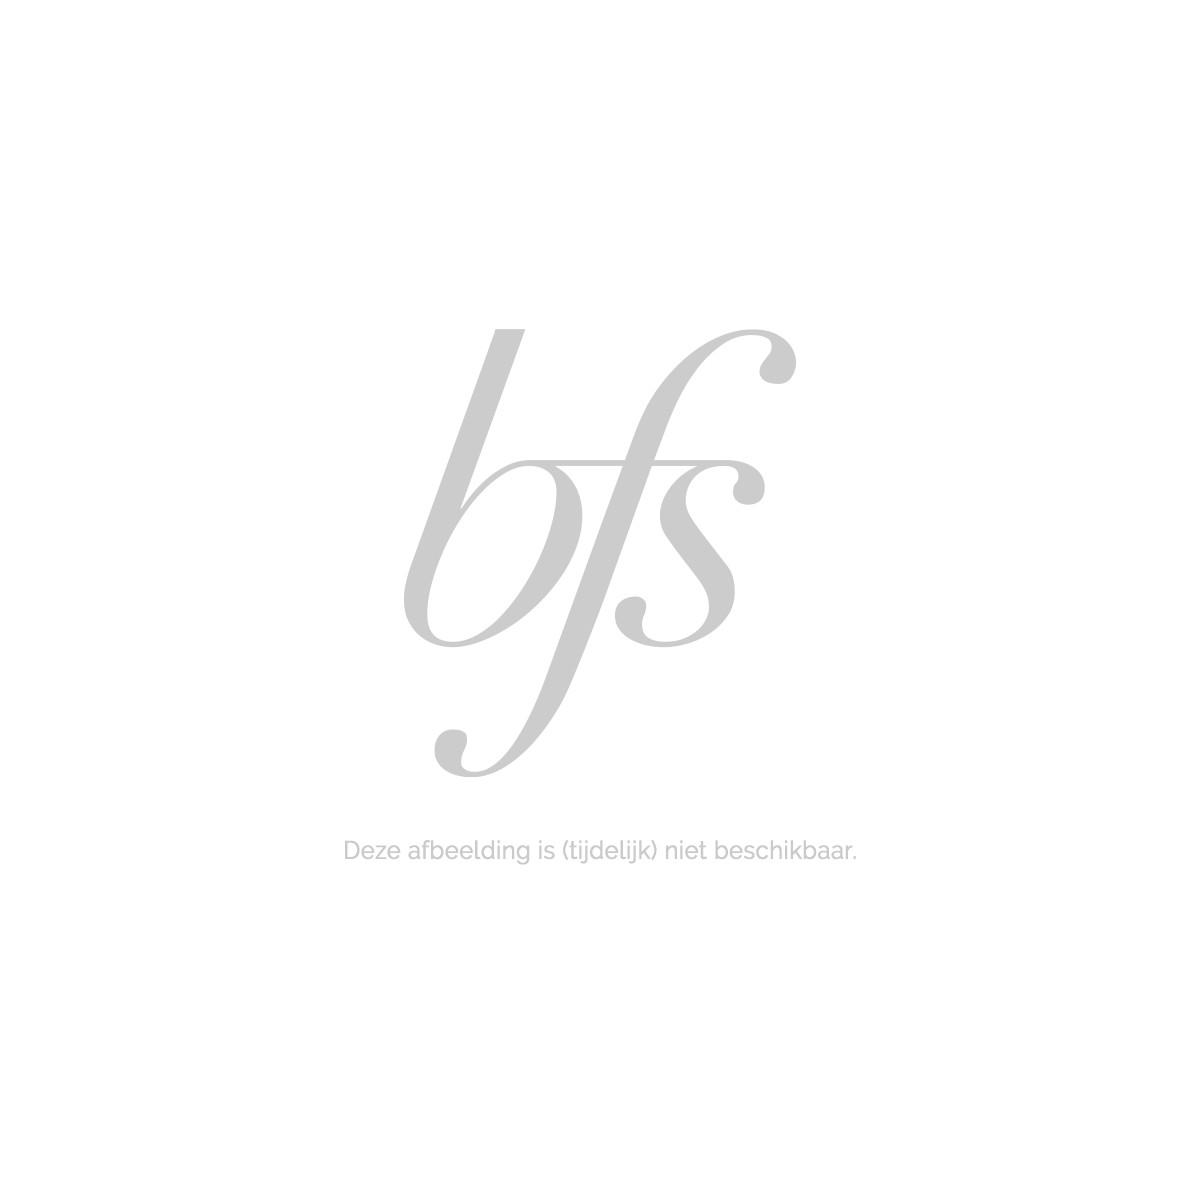 Chanel Allure Femme Eau de Parfum 100 ml